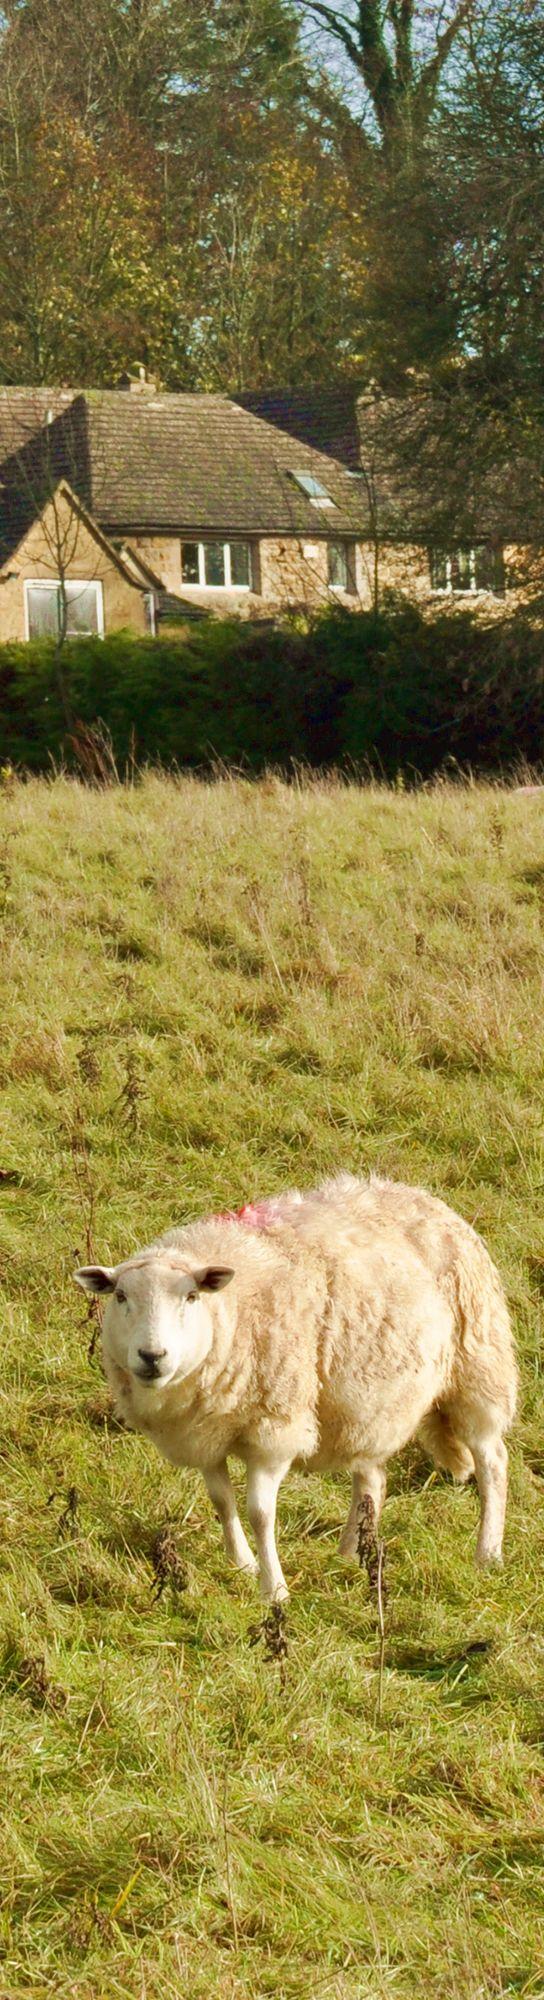 【H.I.S.】【Cotswolds】のどかなイギリスの田舎風景。 #travel